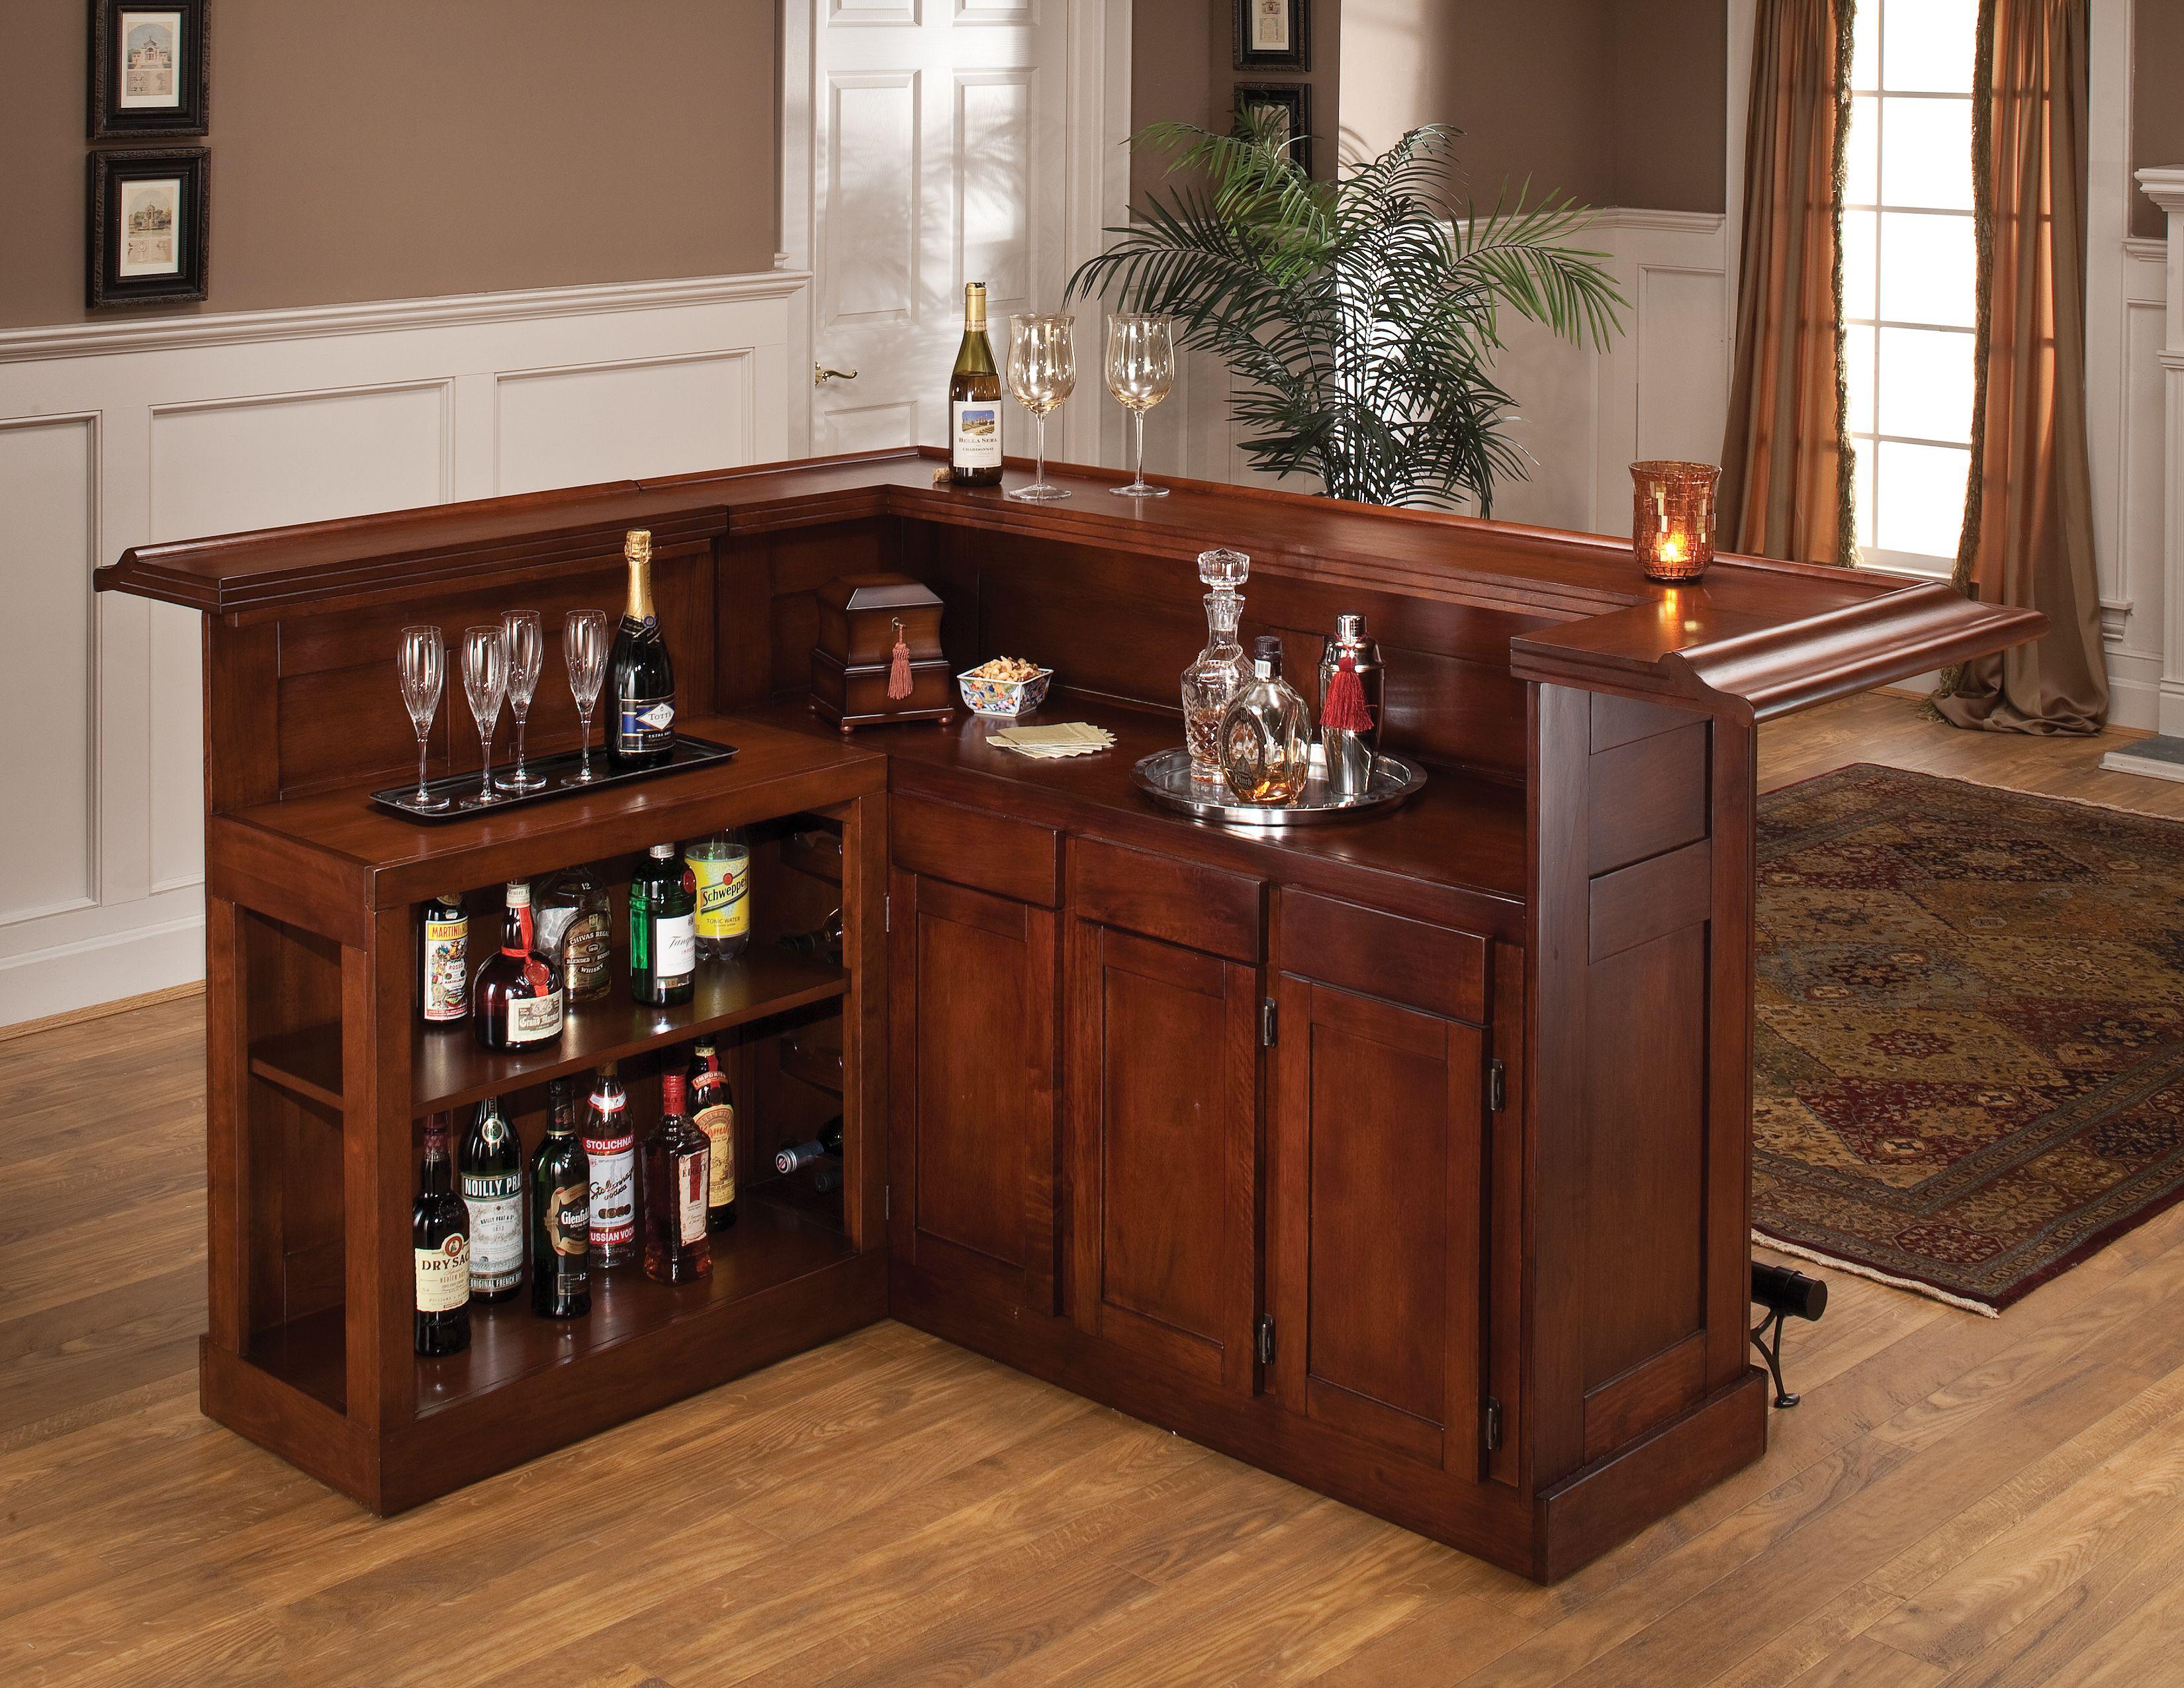 Awesome Bar Möbel Für Küche Interieur Design - Wohndesign ...